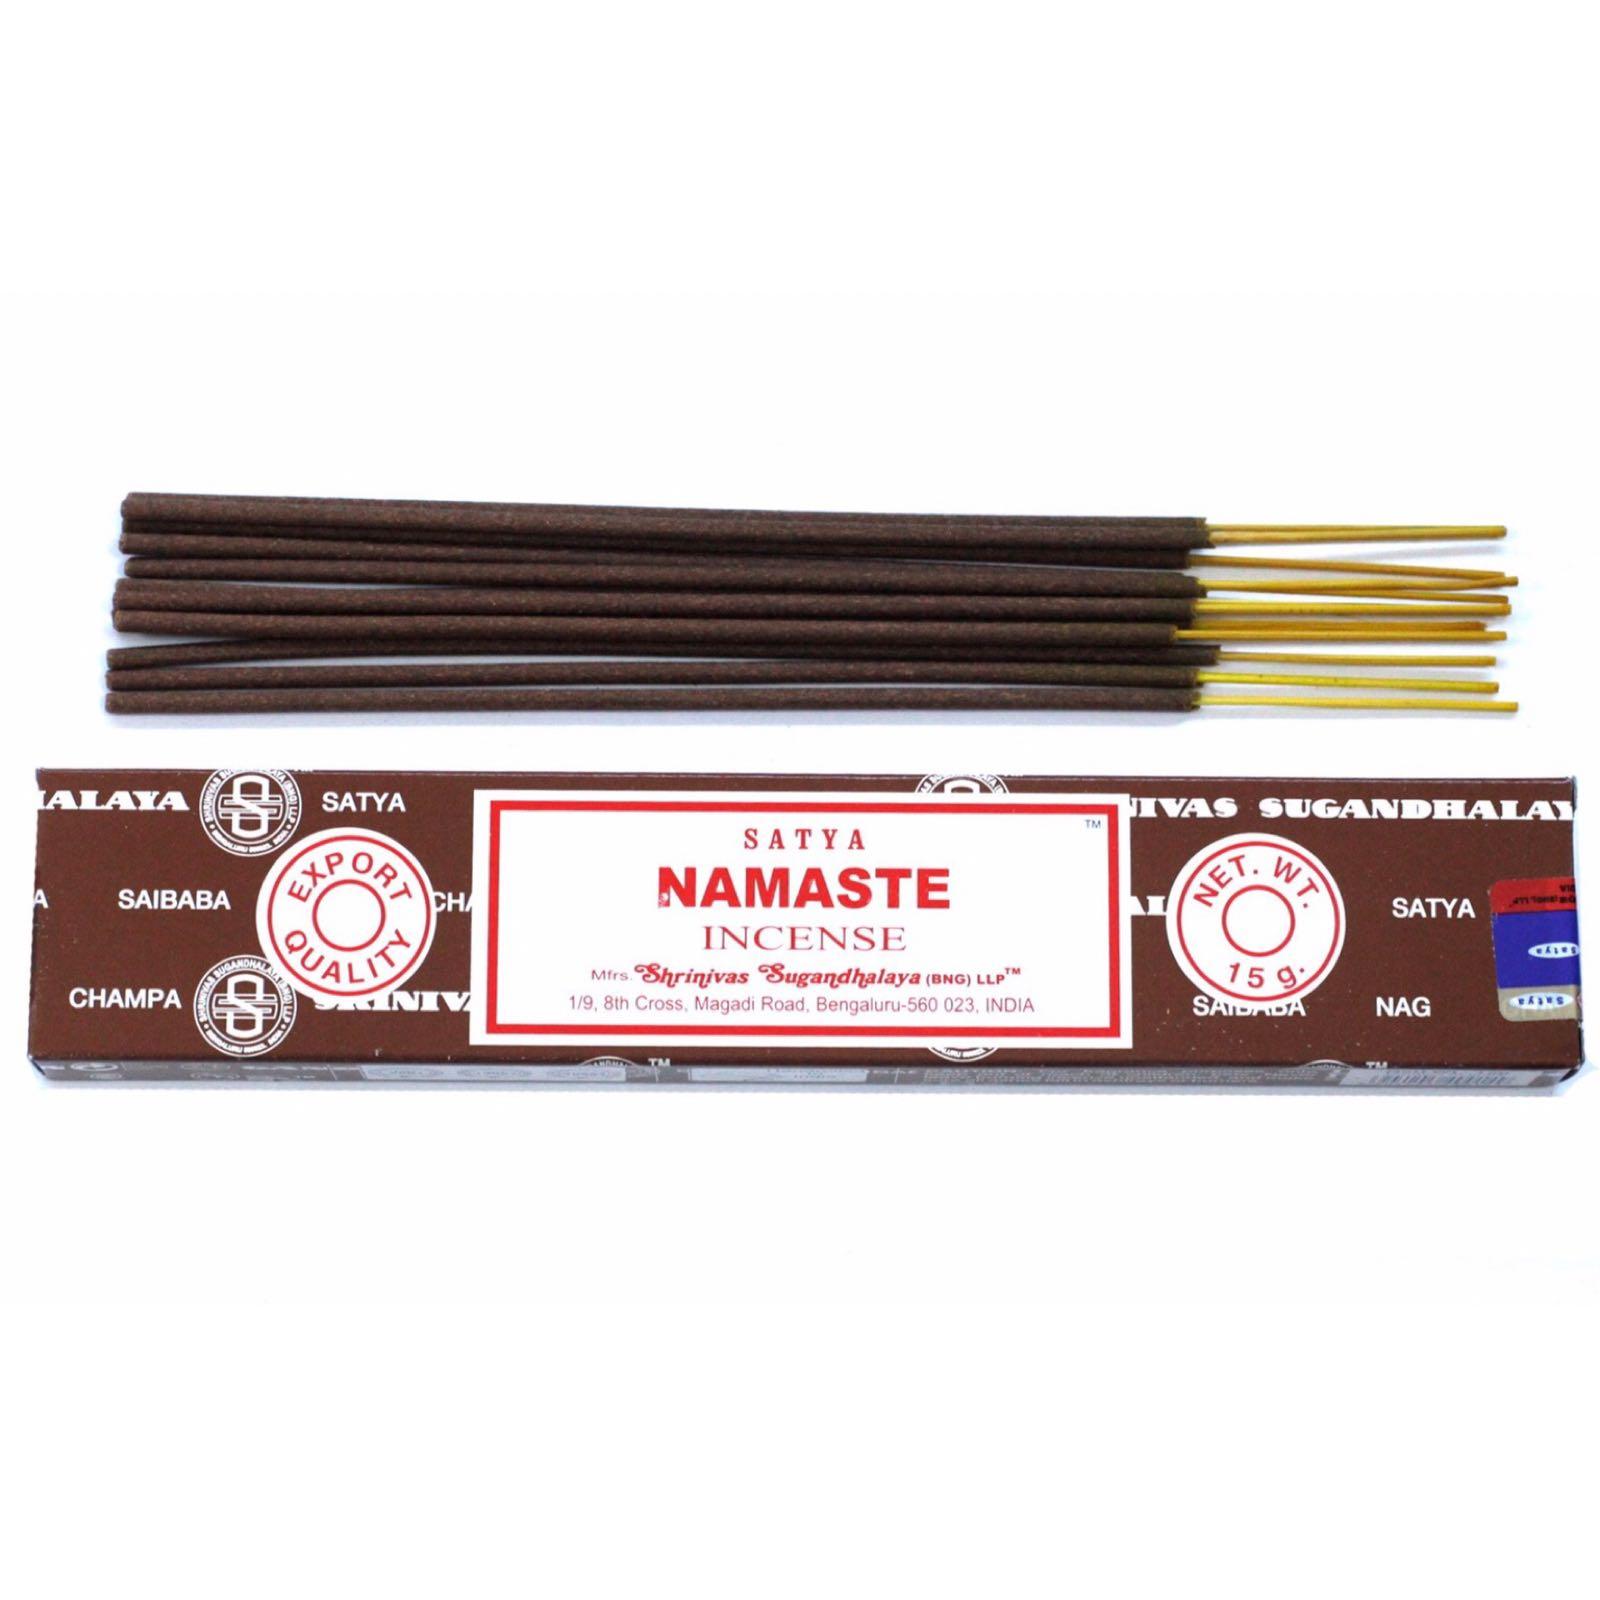 'Namaste' Incense Sticks